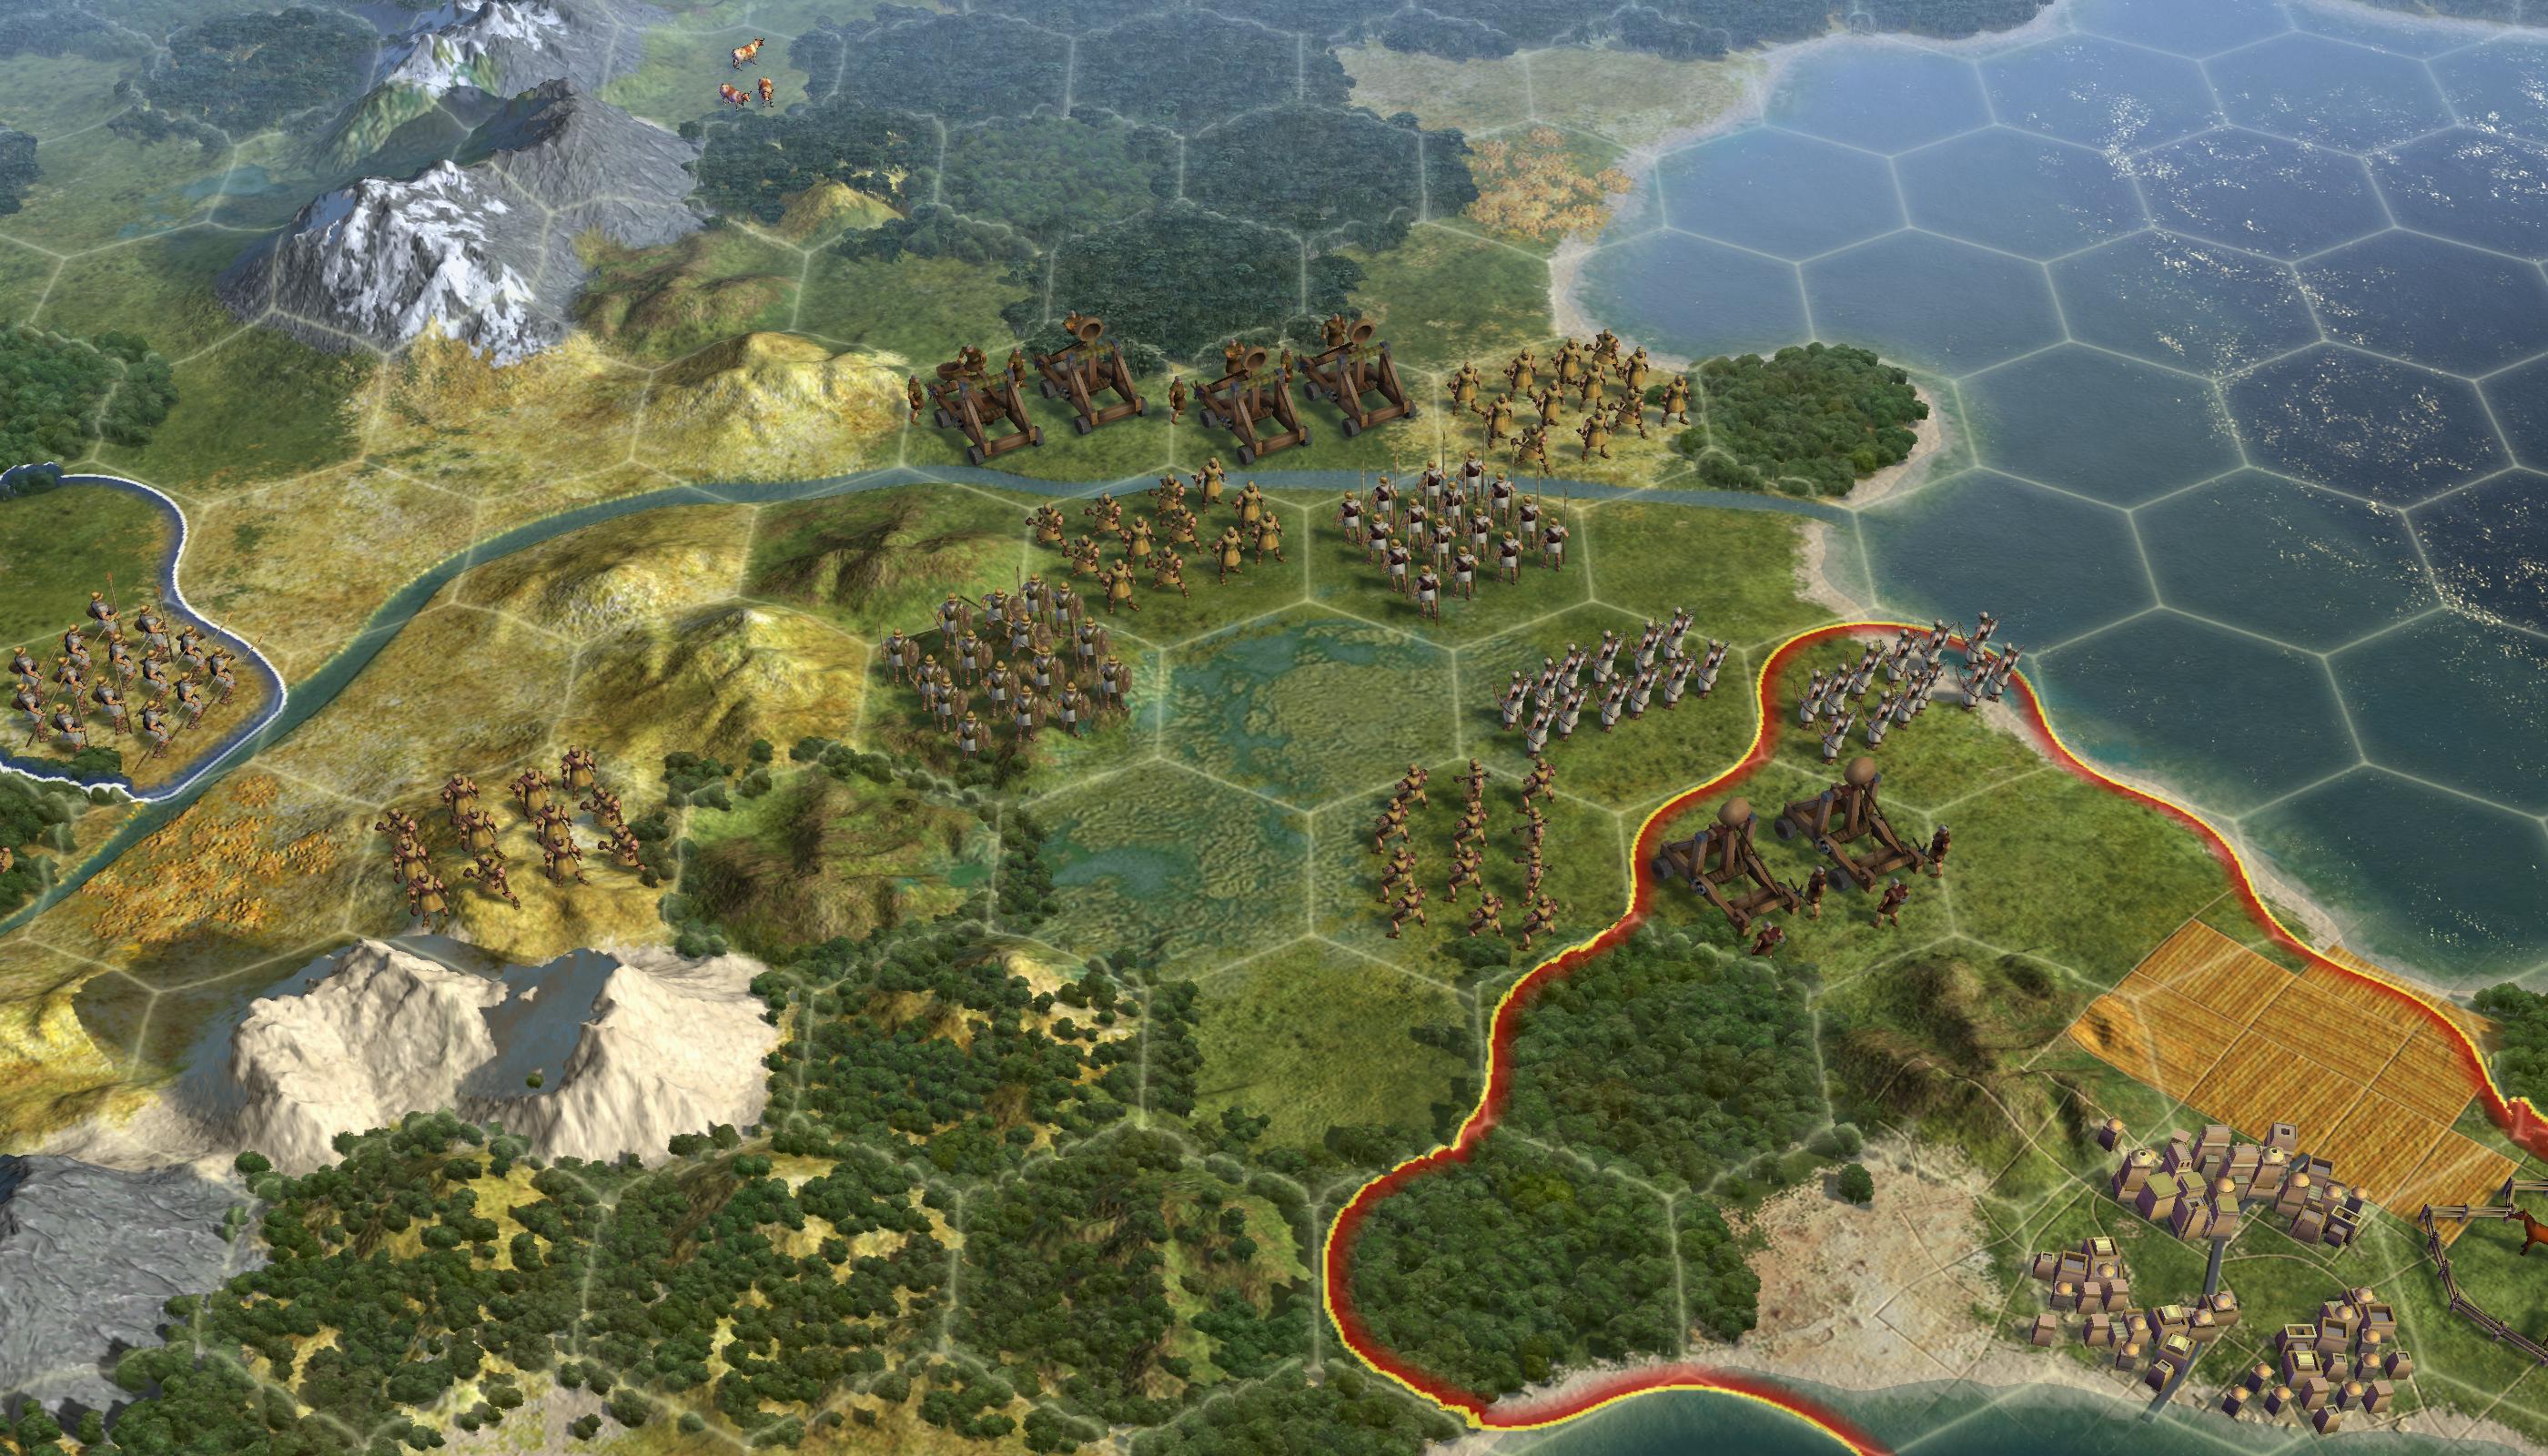 Civilization Screenshot